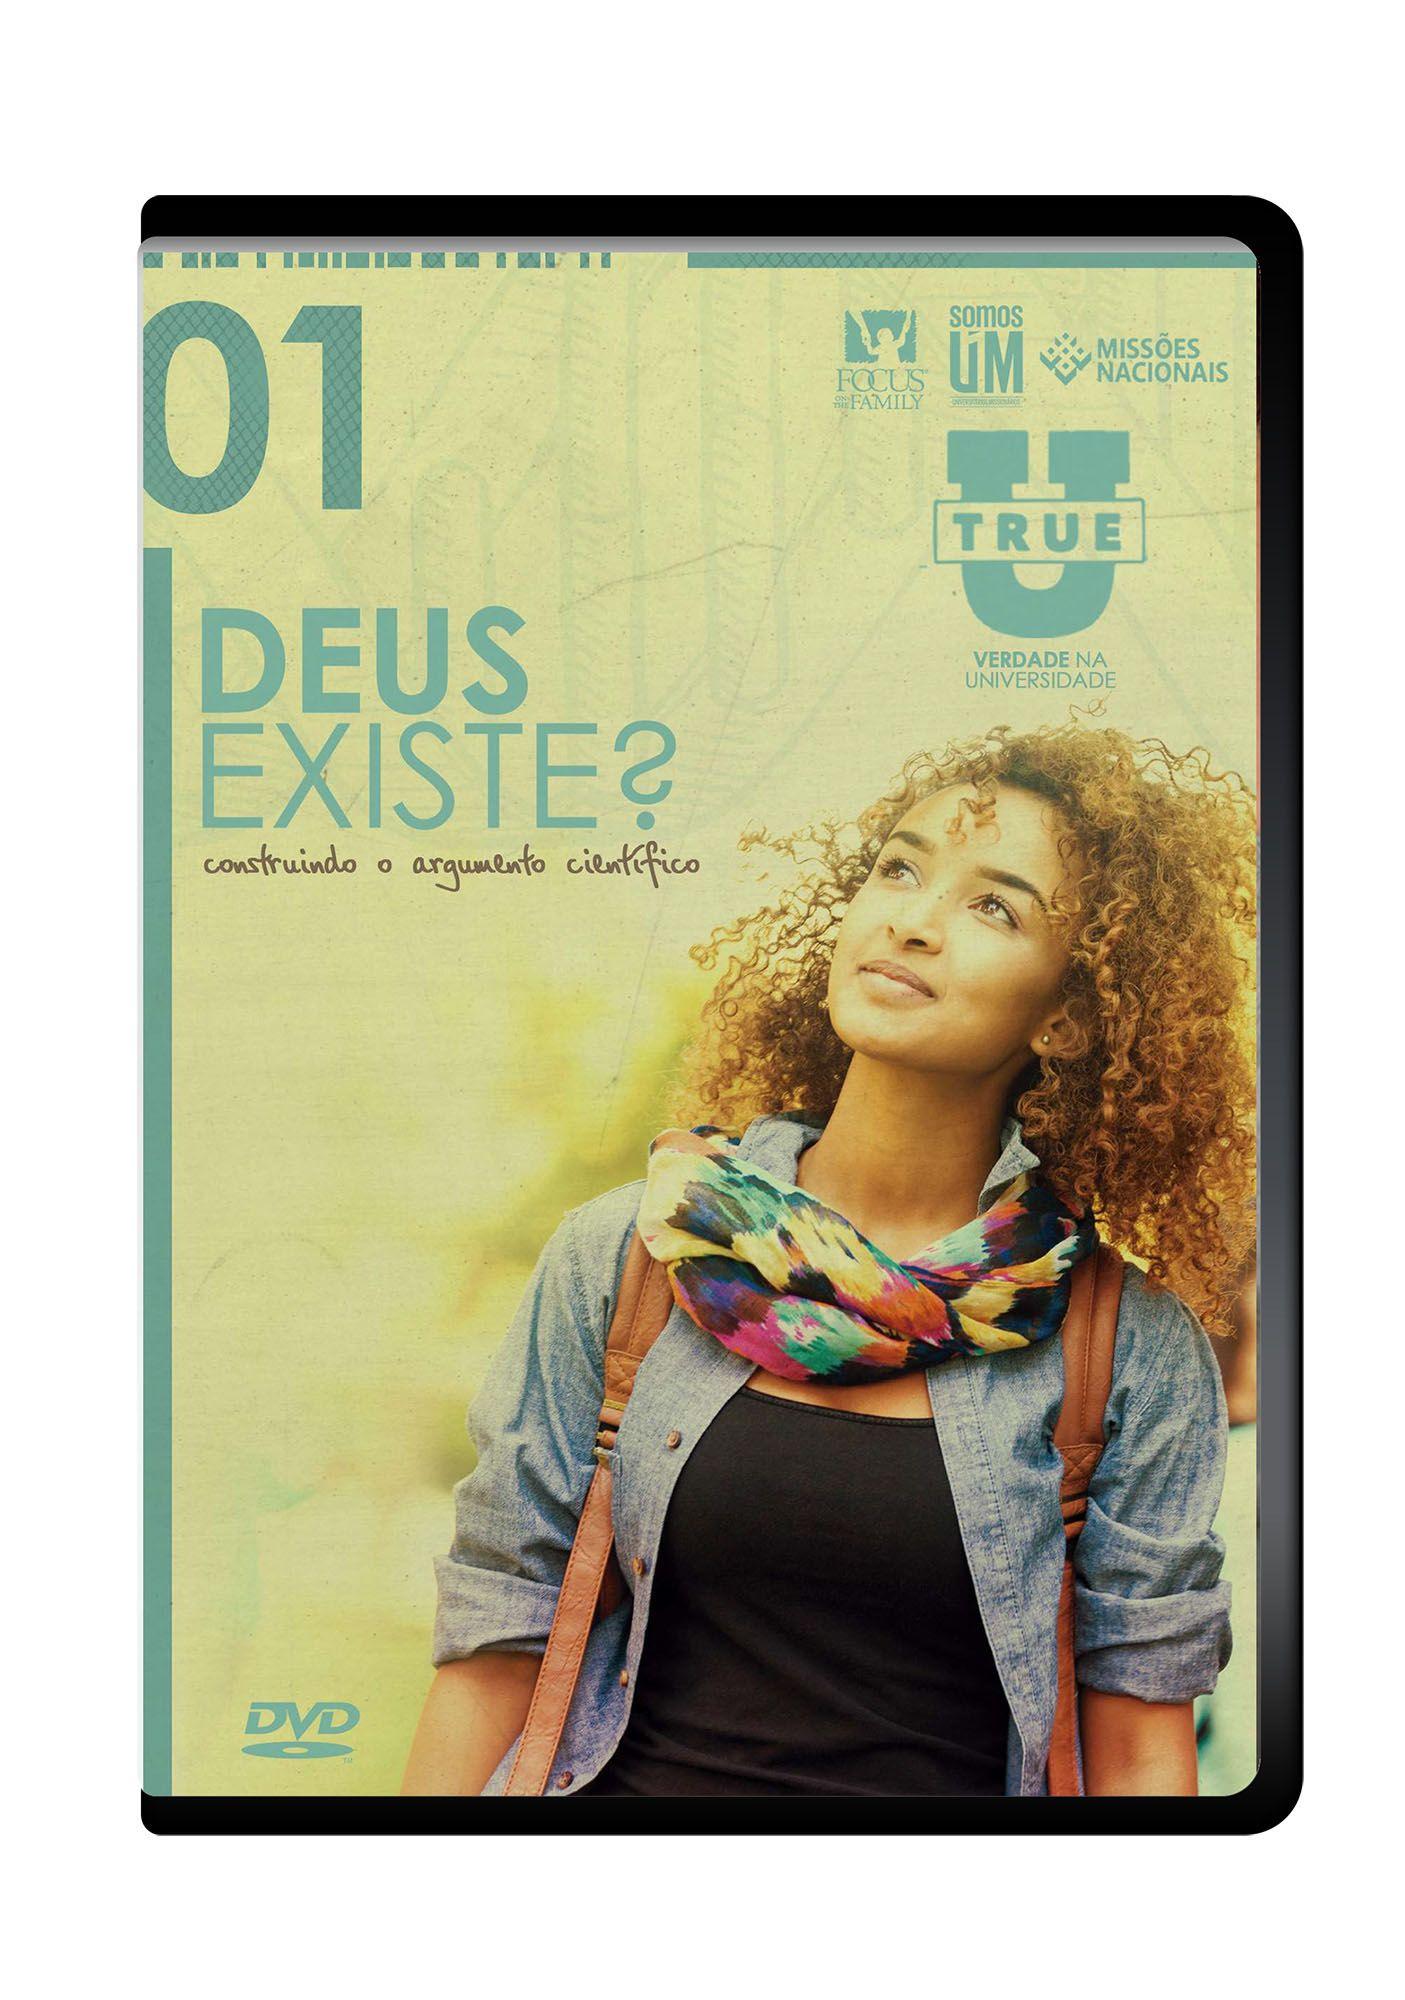 DVD True U - Vol. 1 - Deus existe?